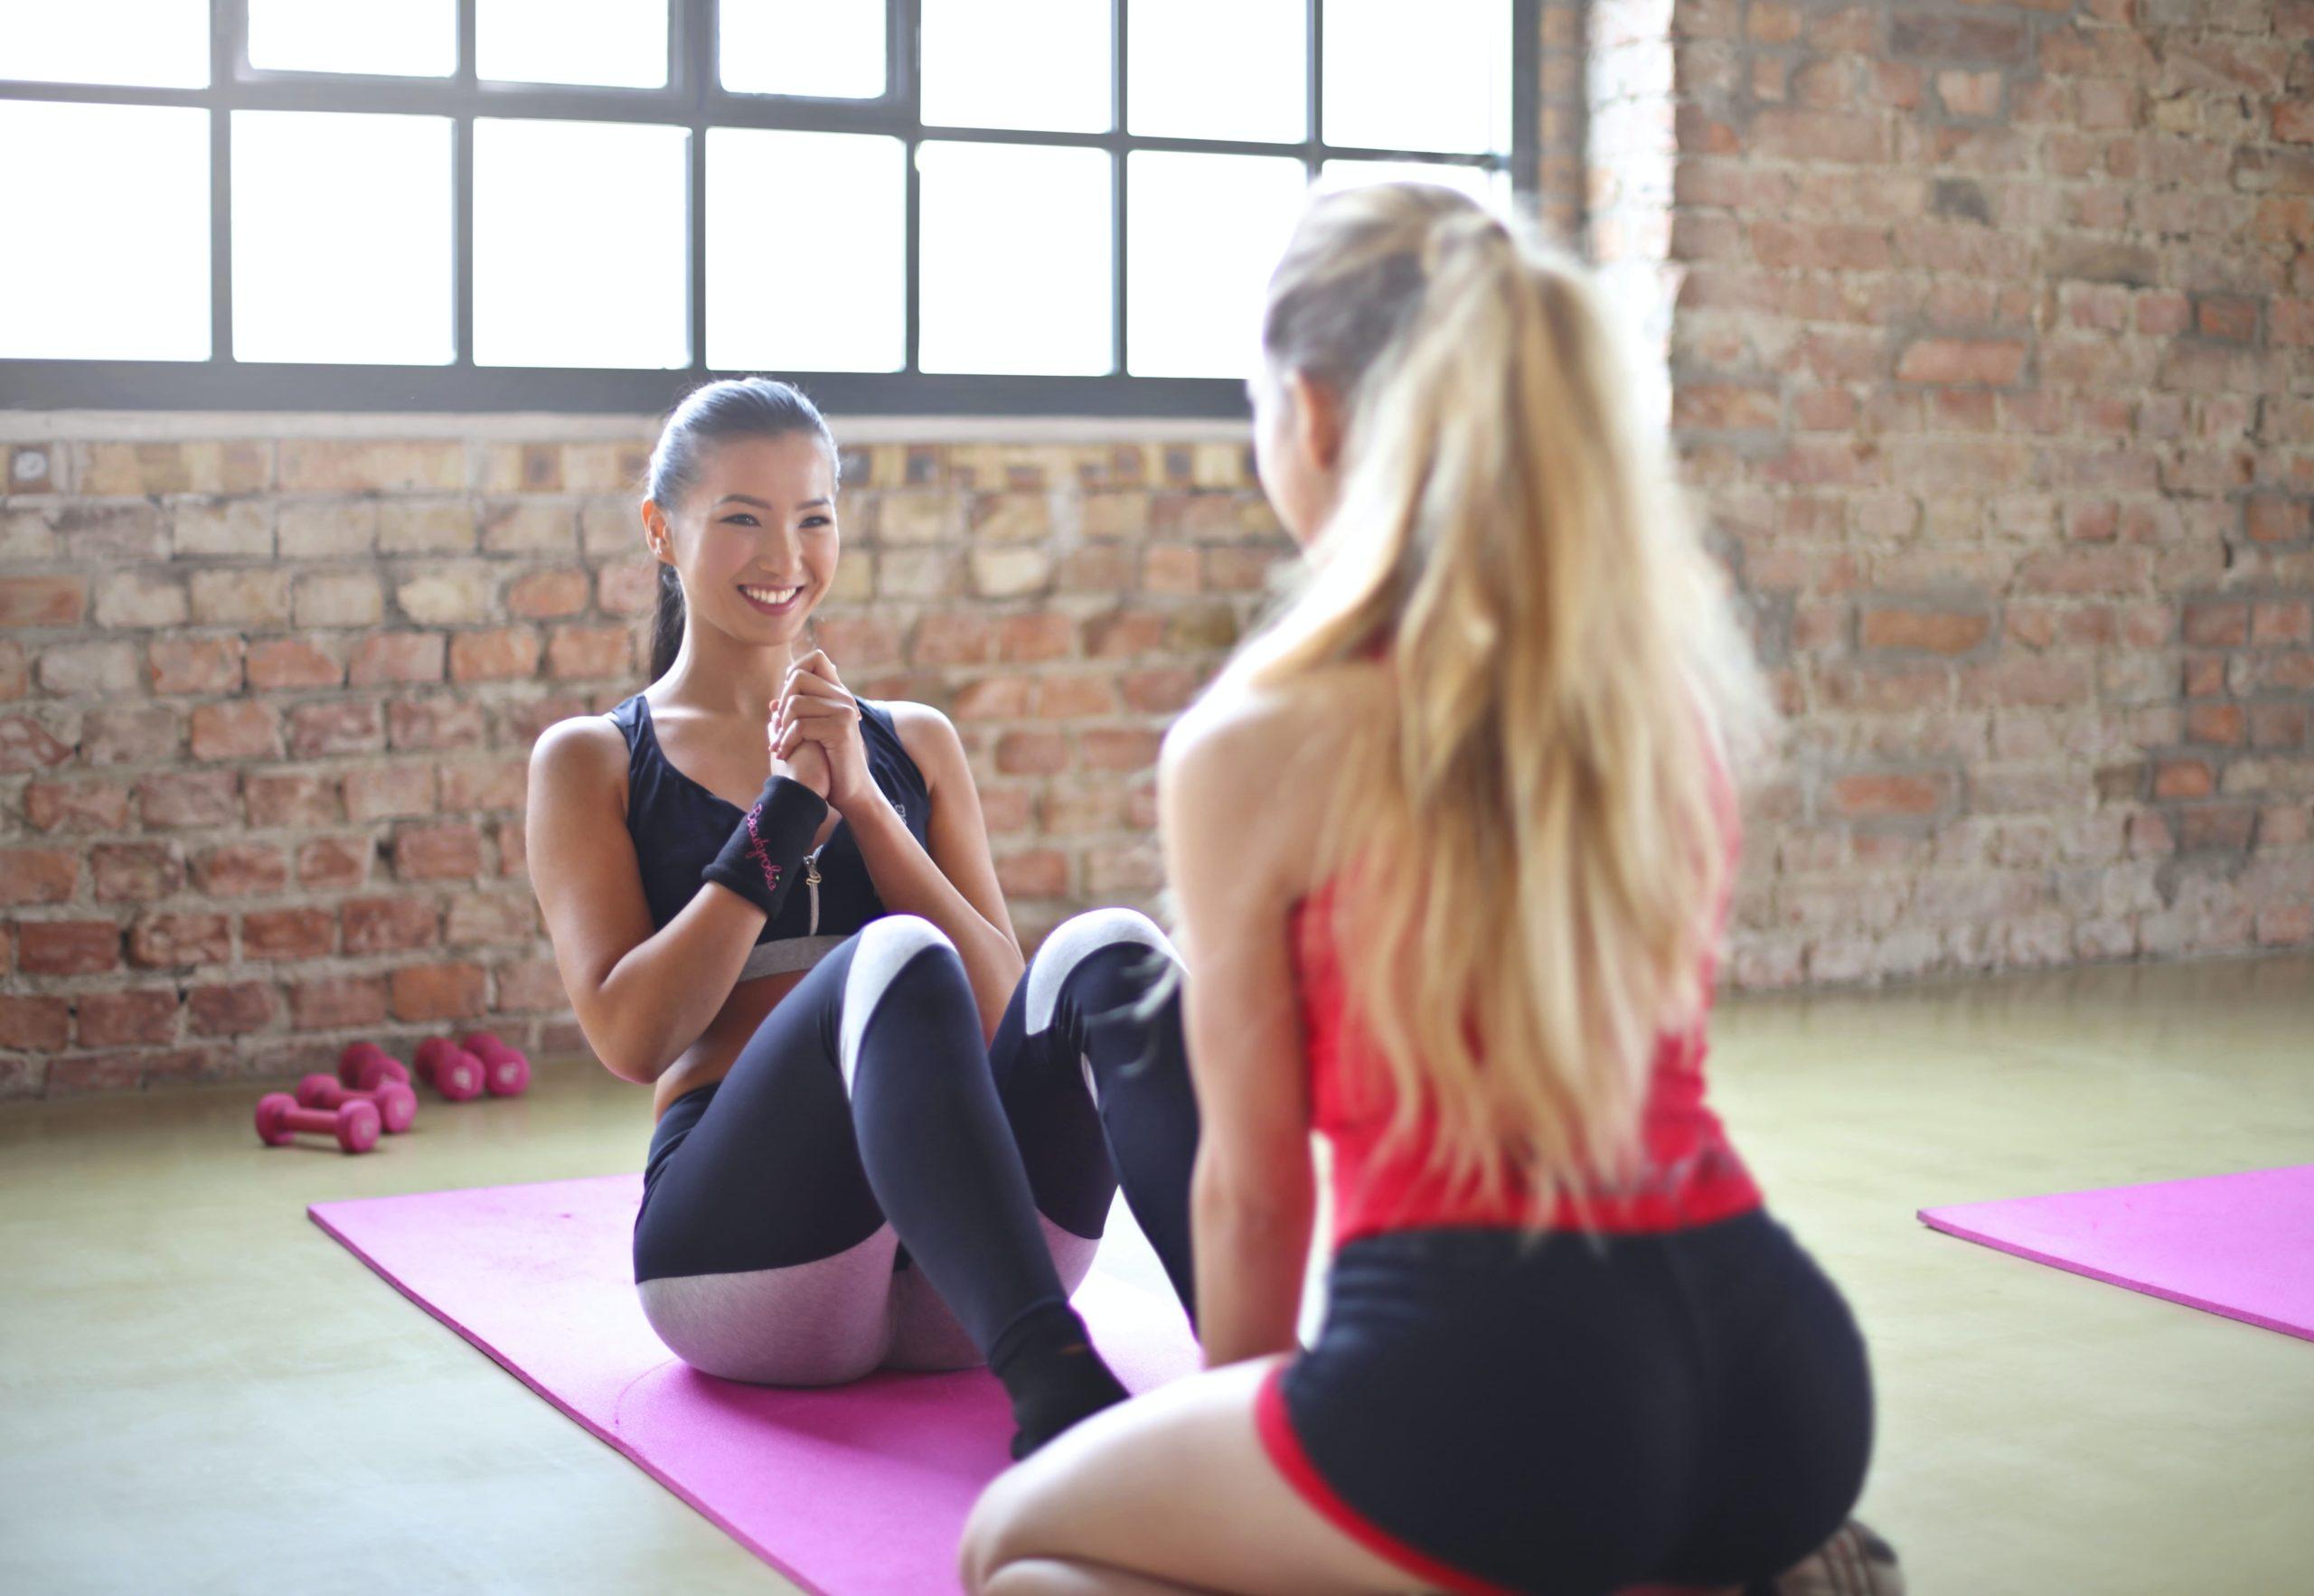 毎日のトレーニングは逆効果?!適切なトレーニング頻度とは?